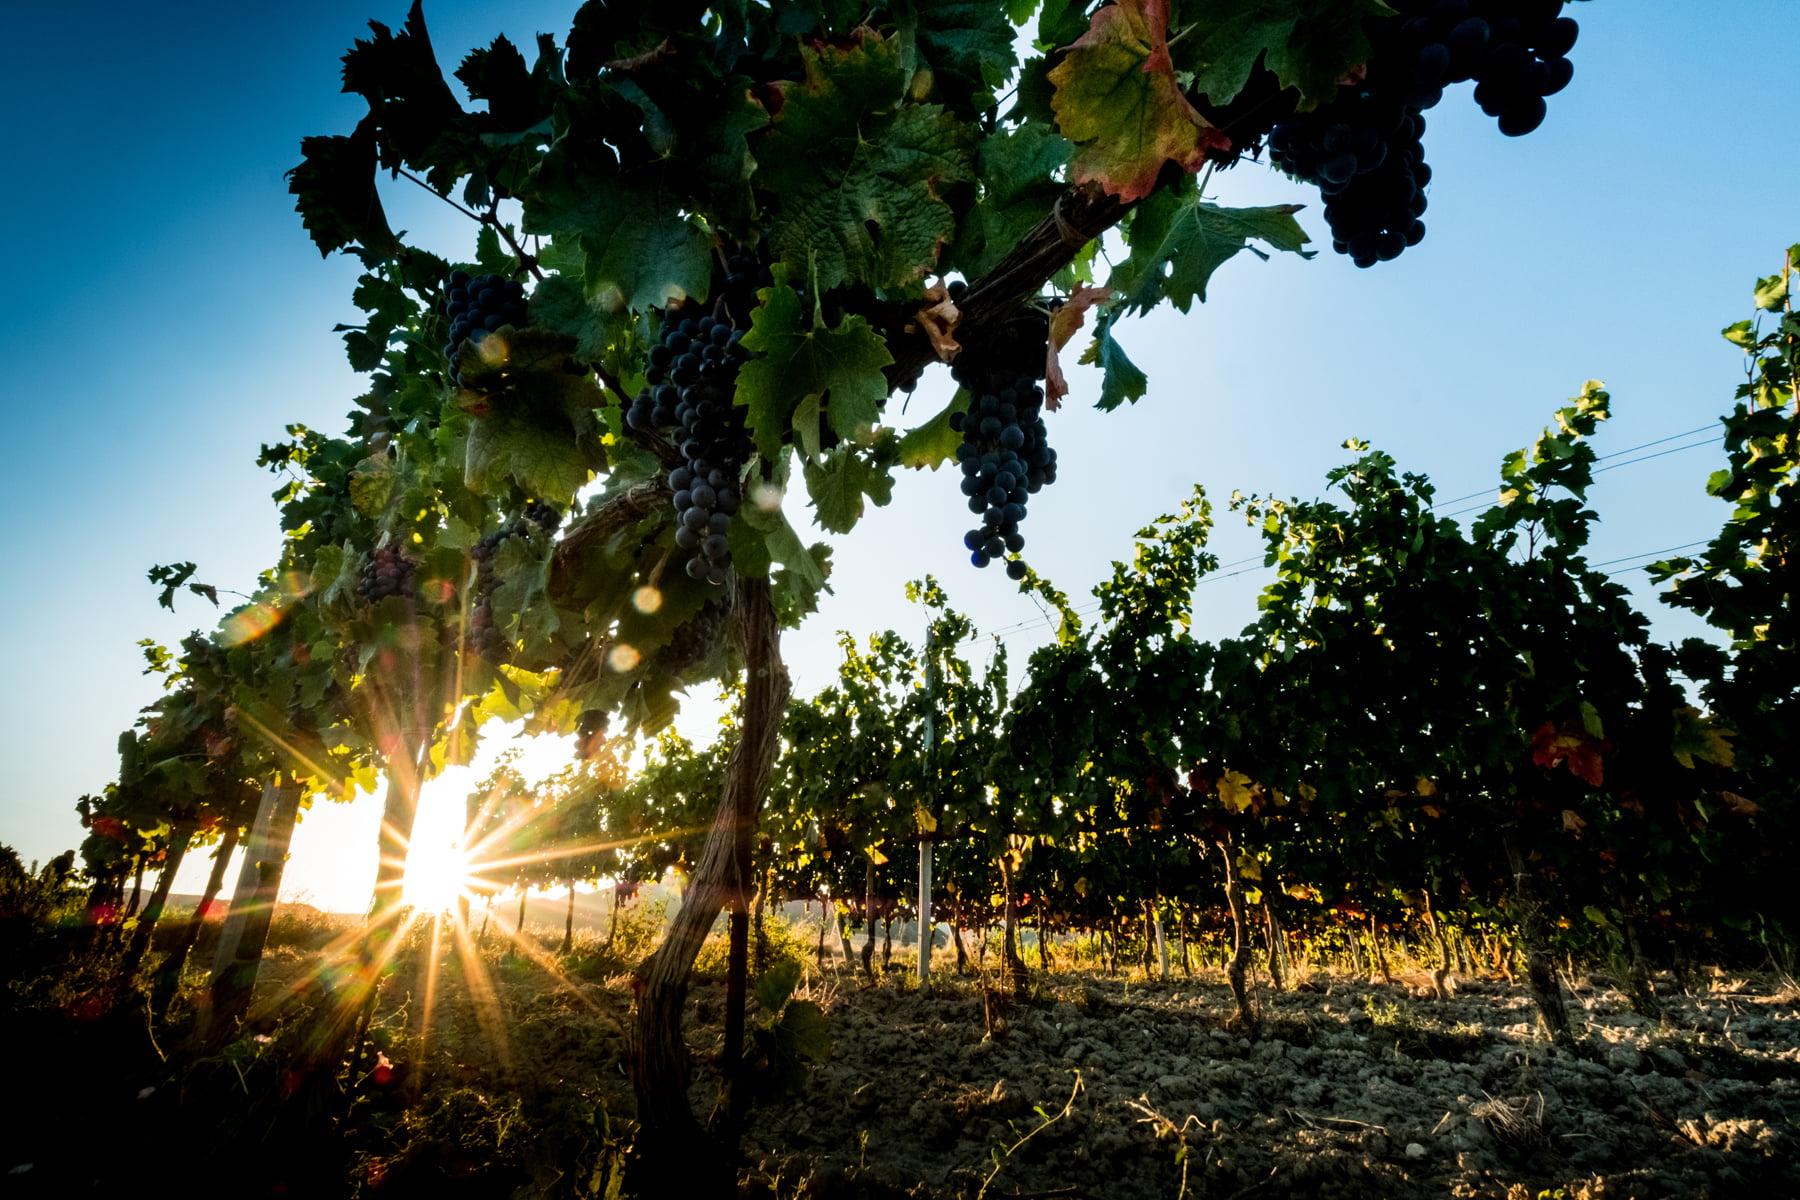 Sator grapes